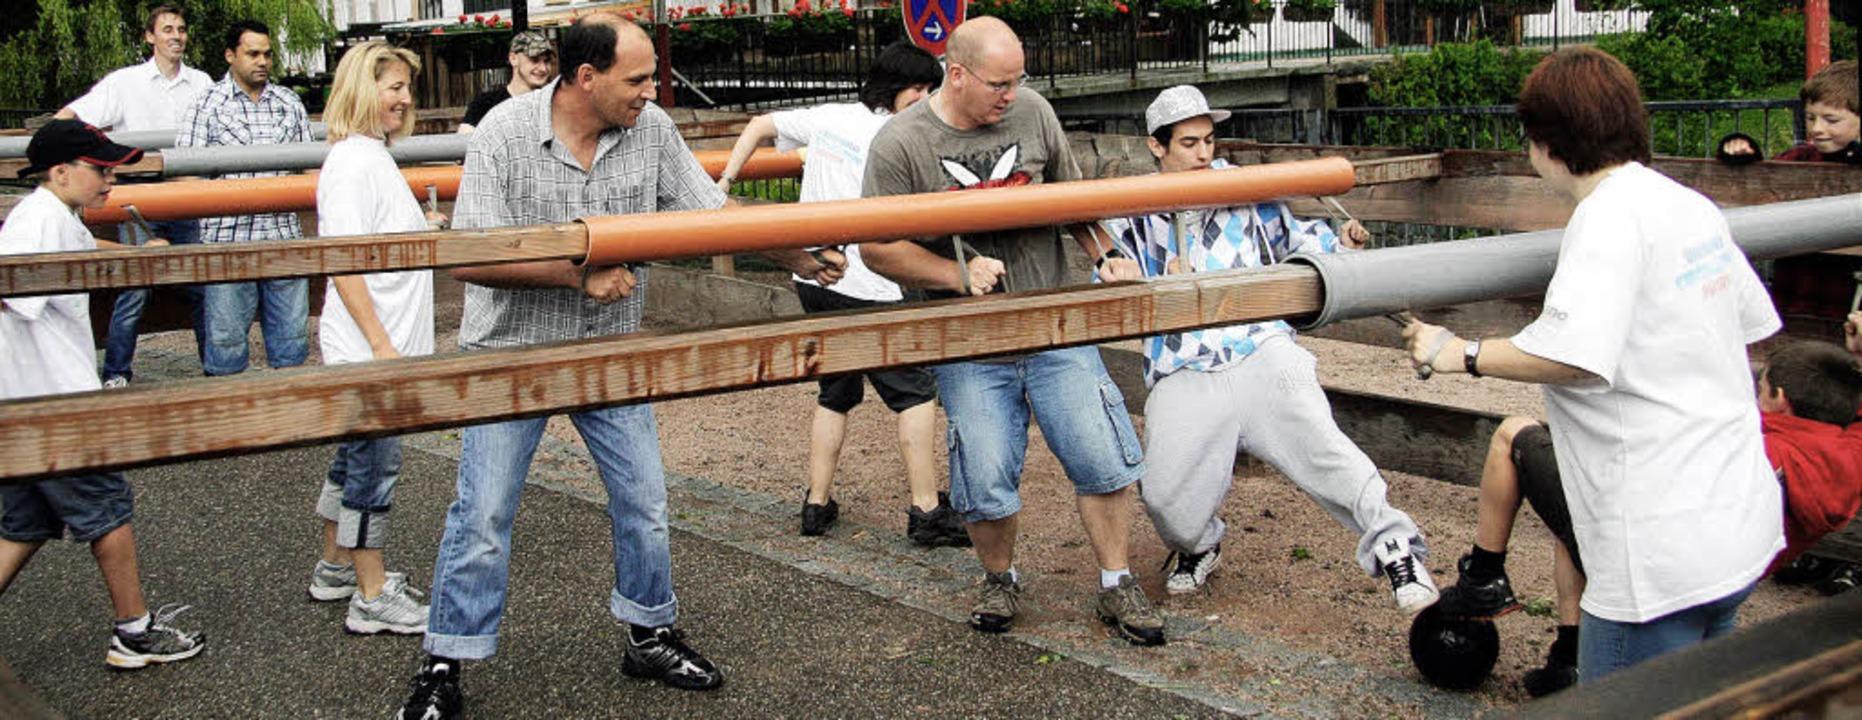 Fünf Teams traten beim Menschenkicker im Rahmen des Brunnenfestes an.     Foto: Eva Korinth